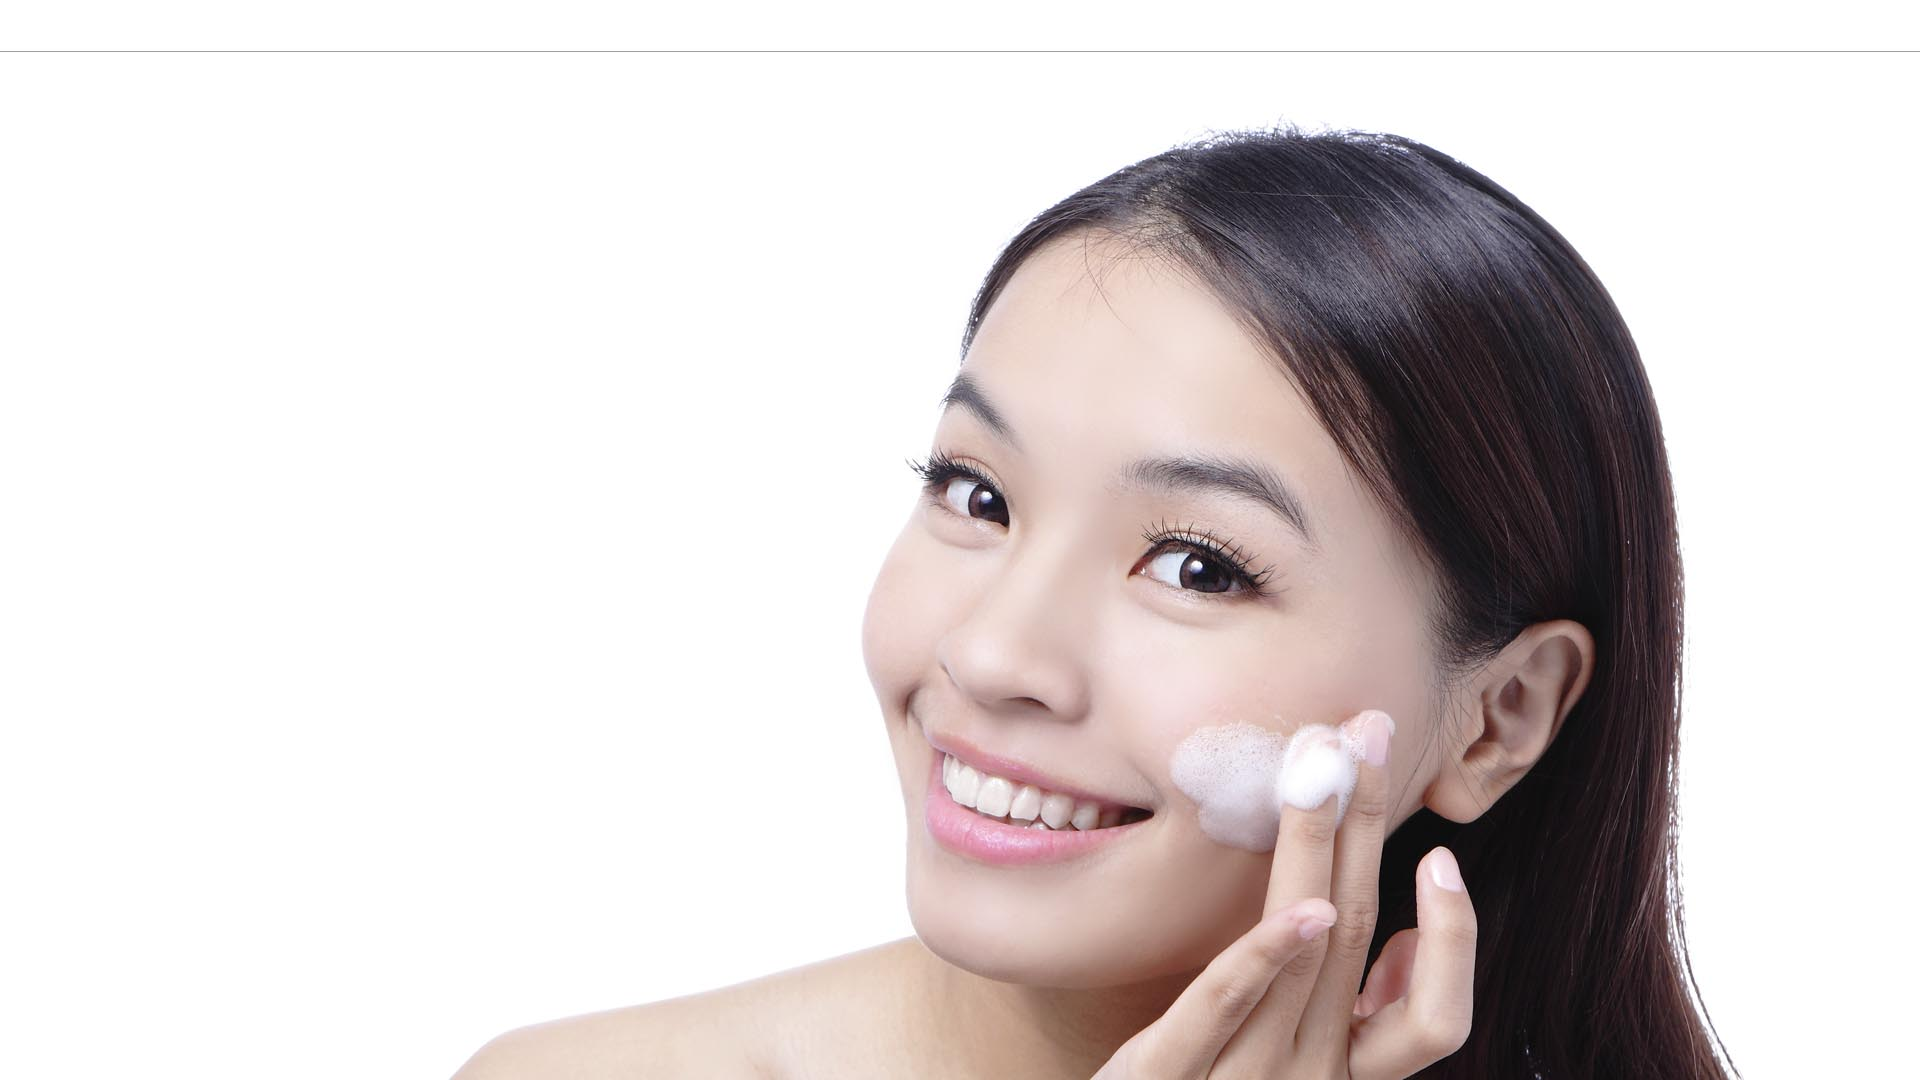 Para combatir los efectos que van degenerando la vitalidad de la piel, la primera recomendación es evitar ser esclava del maquillaje